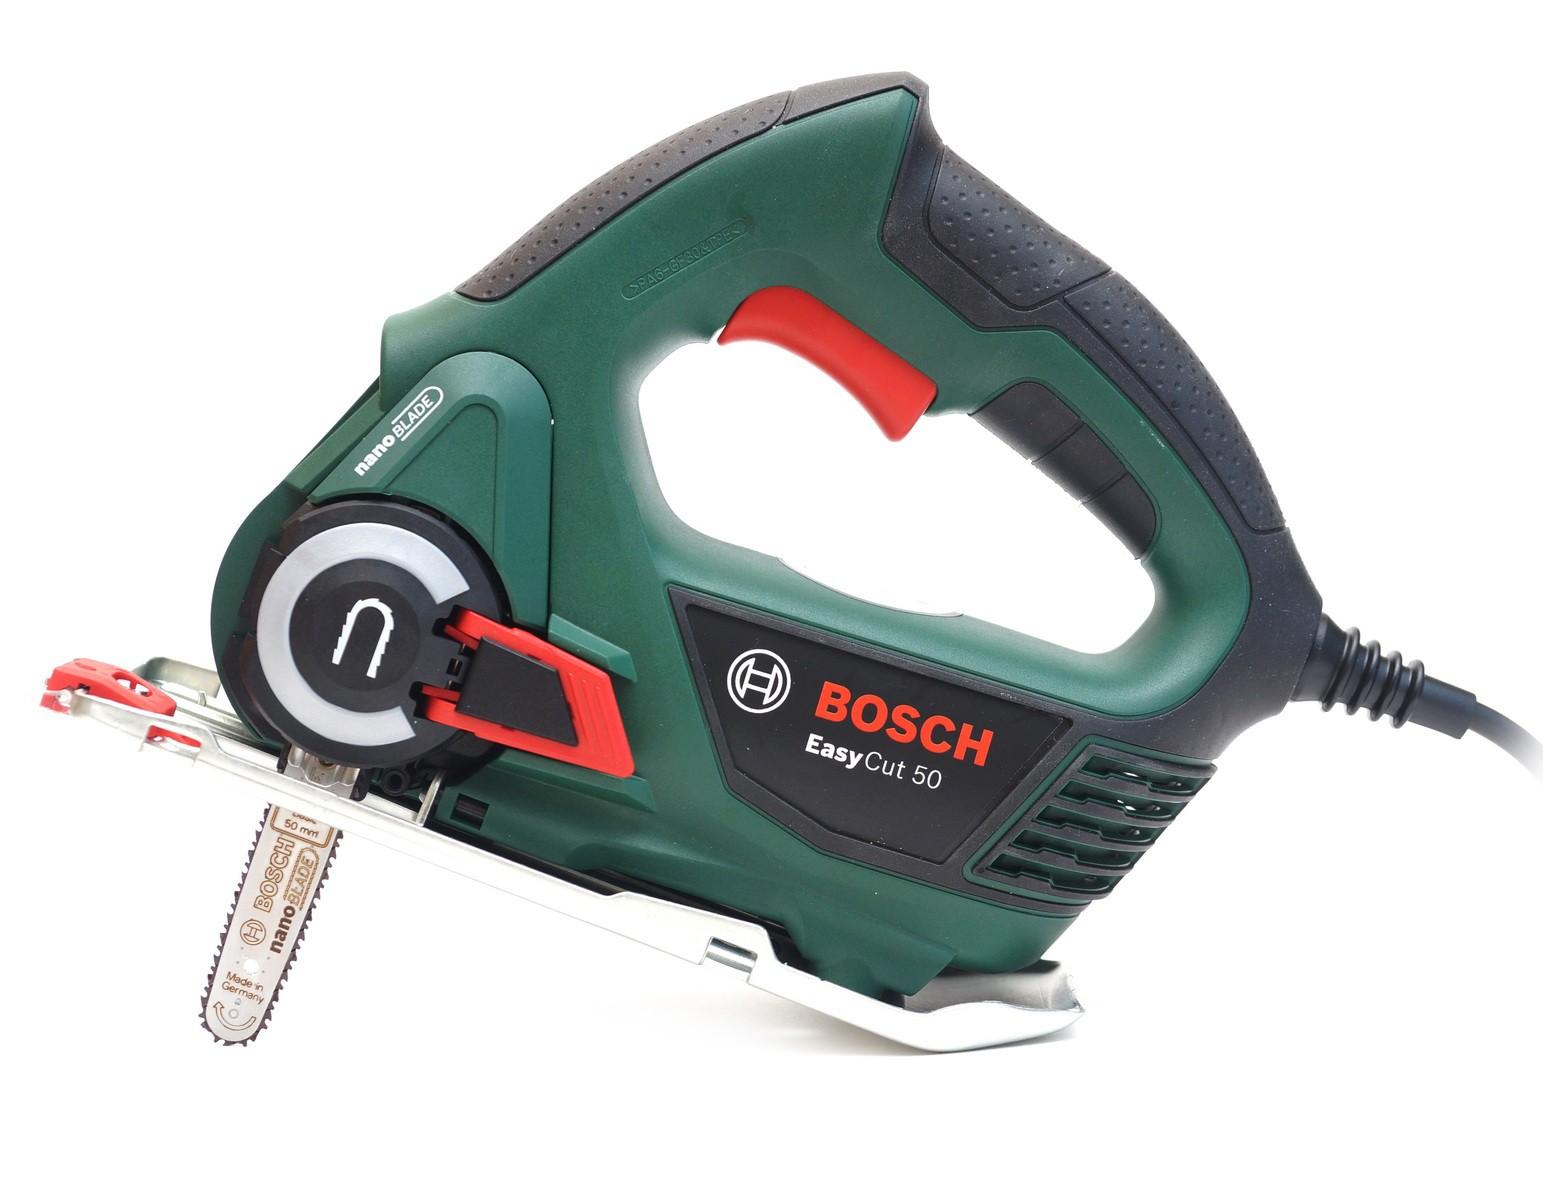 bosch easycut 50 06033c8020 - купить пилу: цены, отзывы